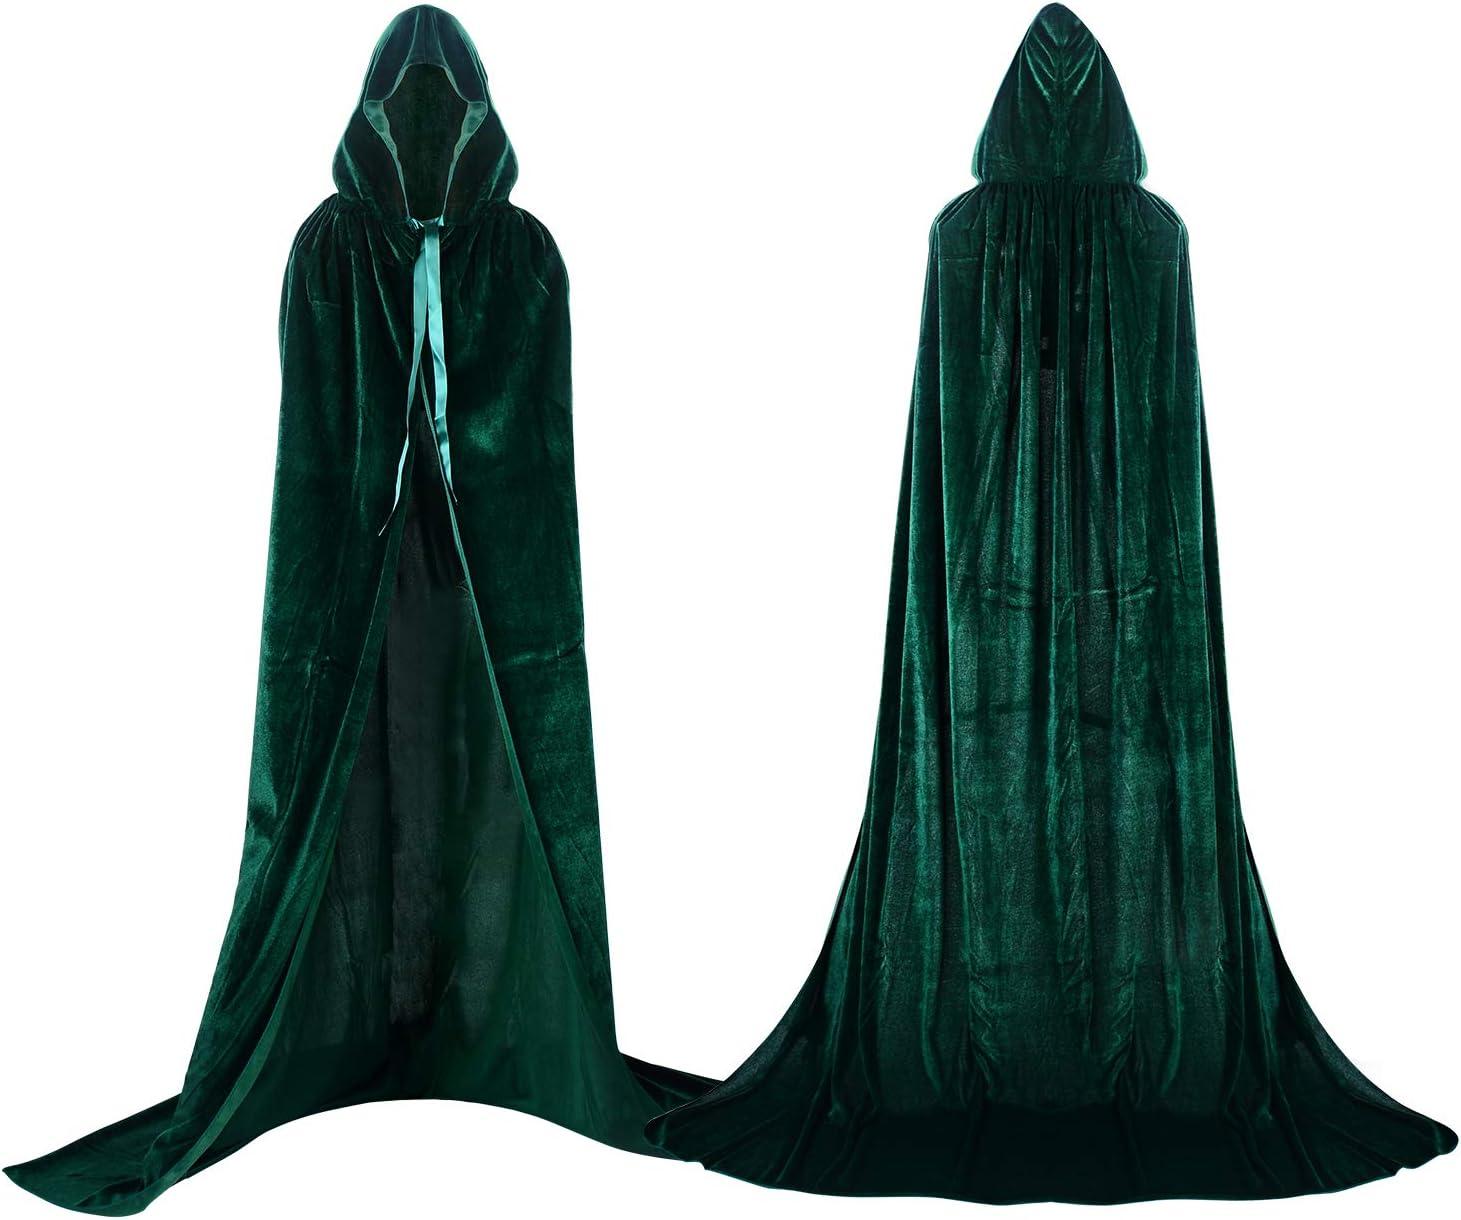 Proumhang Largo Capa con Capucha Terciopelo Disfraz de Halloween para Mujeres Hombres Halloween Carnaval Navidad Fiesta Disfraces Verde